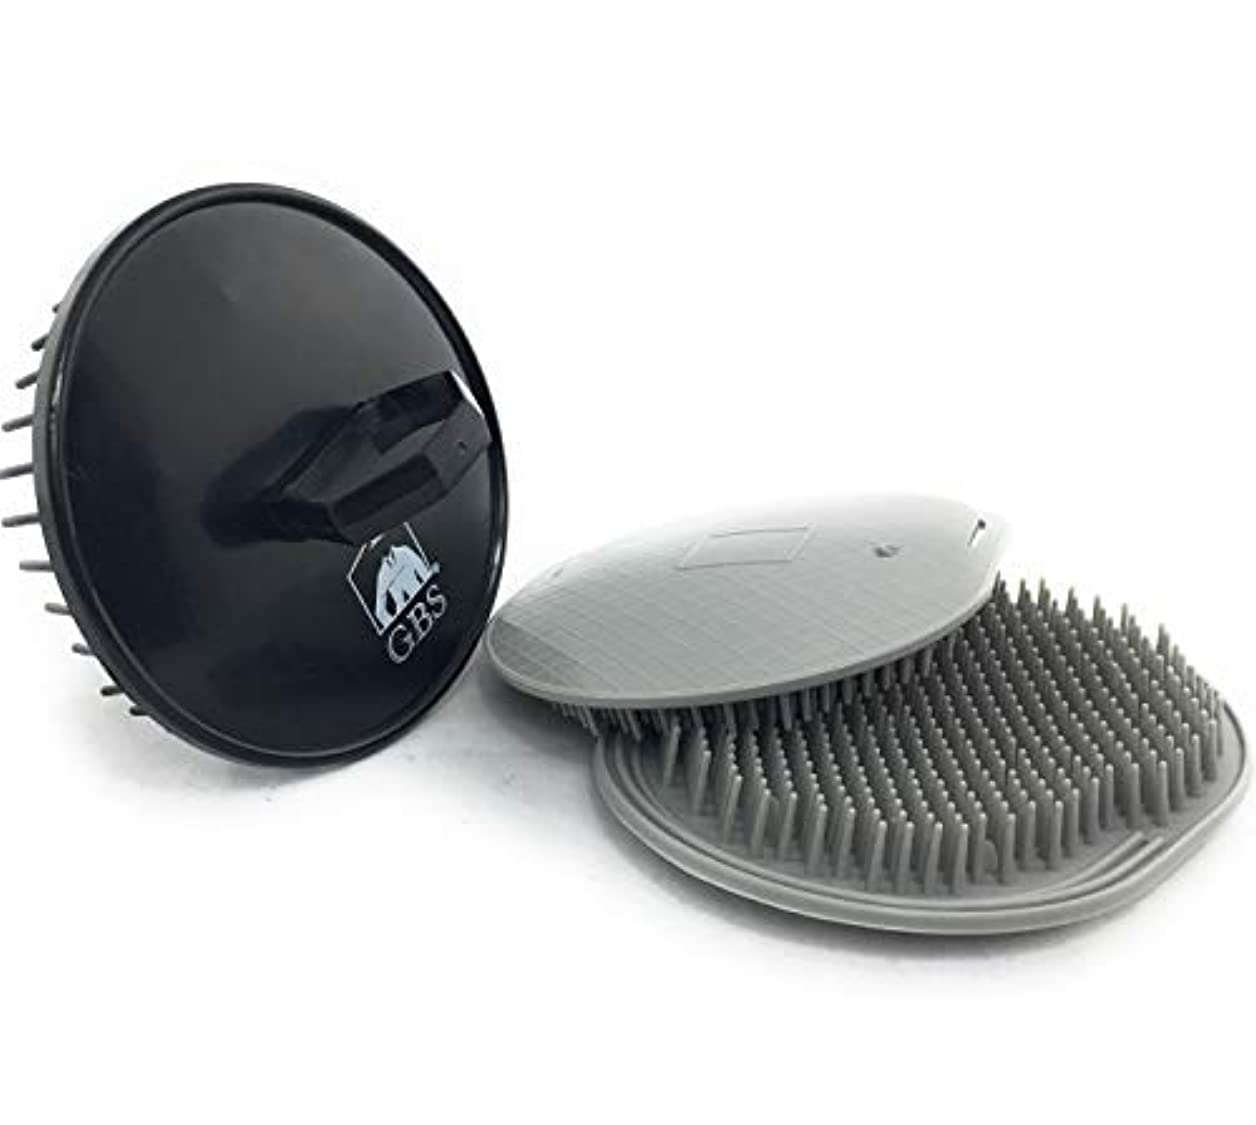 キャップ風が強い嵐のGBS Soft Pocket Palm Brush. Massage and Head Scratcher. Made In USA 2-Pack - Gray Plus 1 Black Shampoo Brush -...